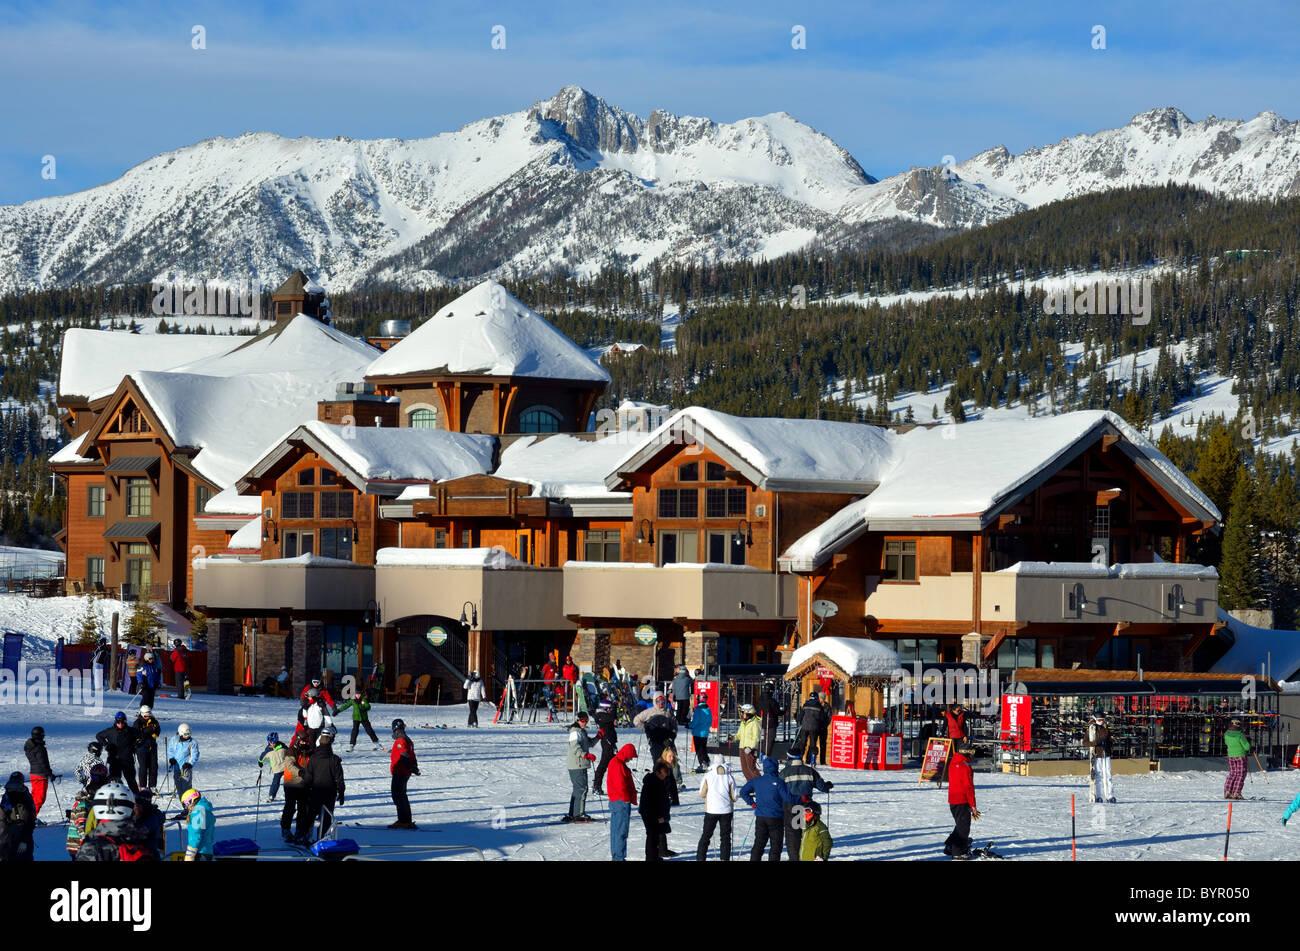 big sky resort montana stock photos & big sky resort montana stock